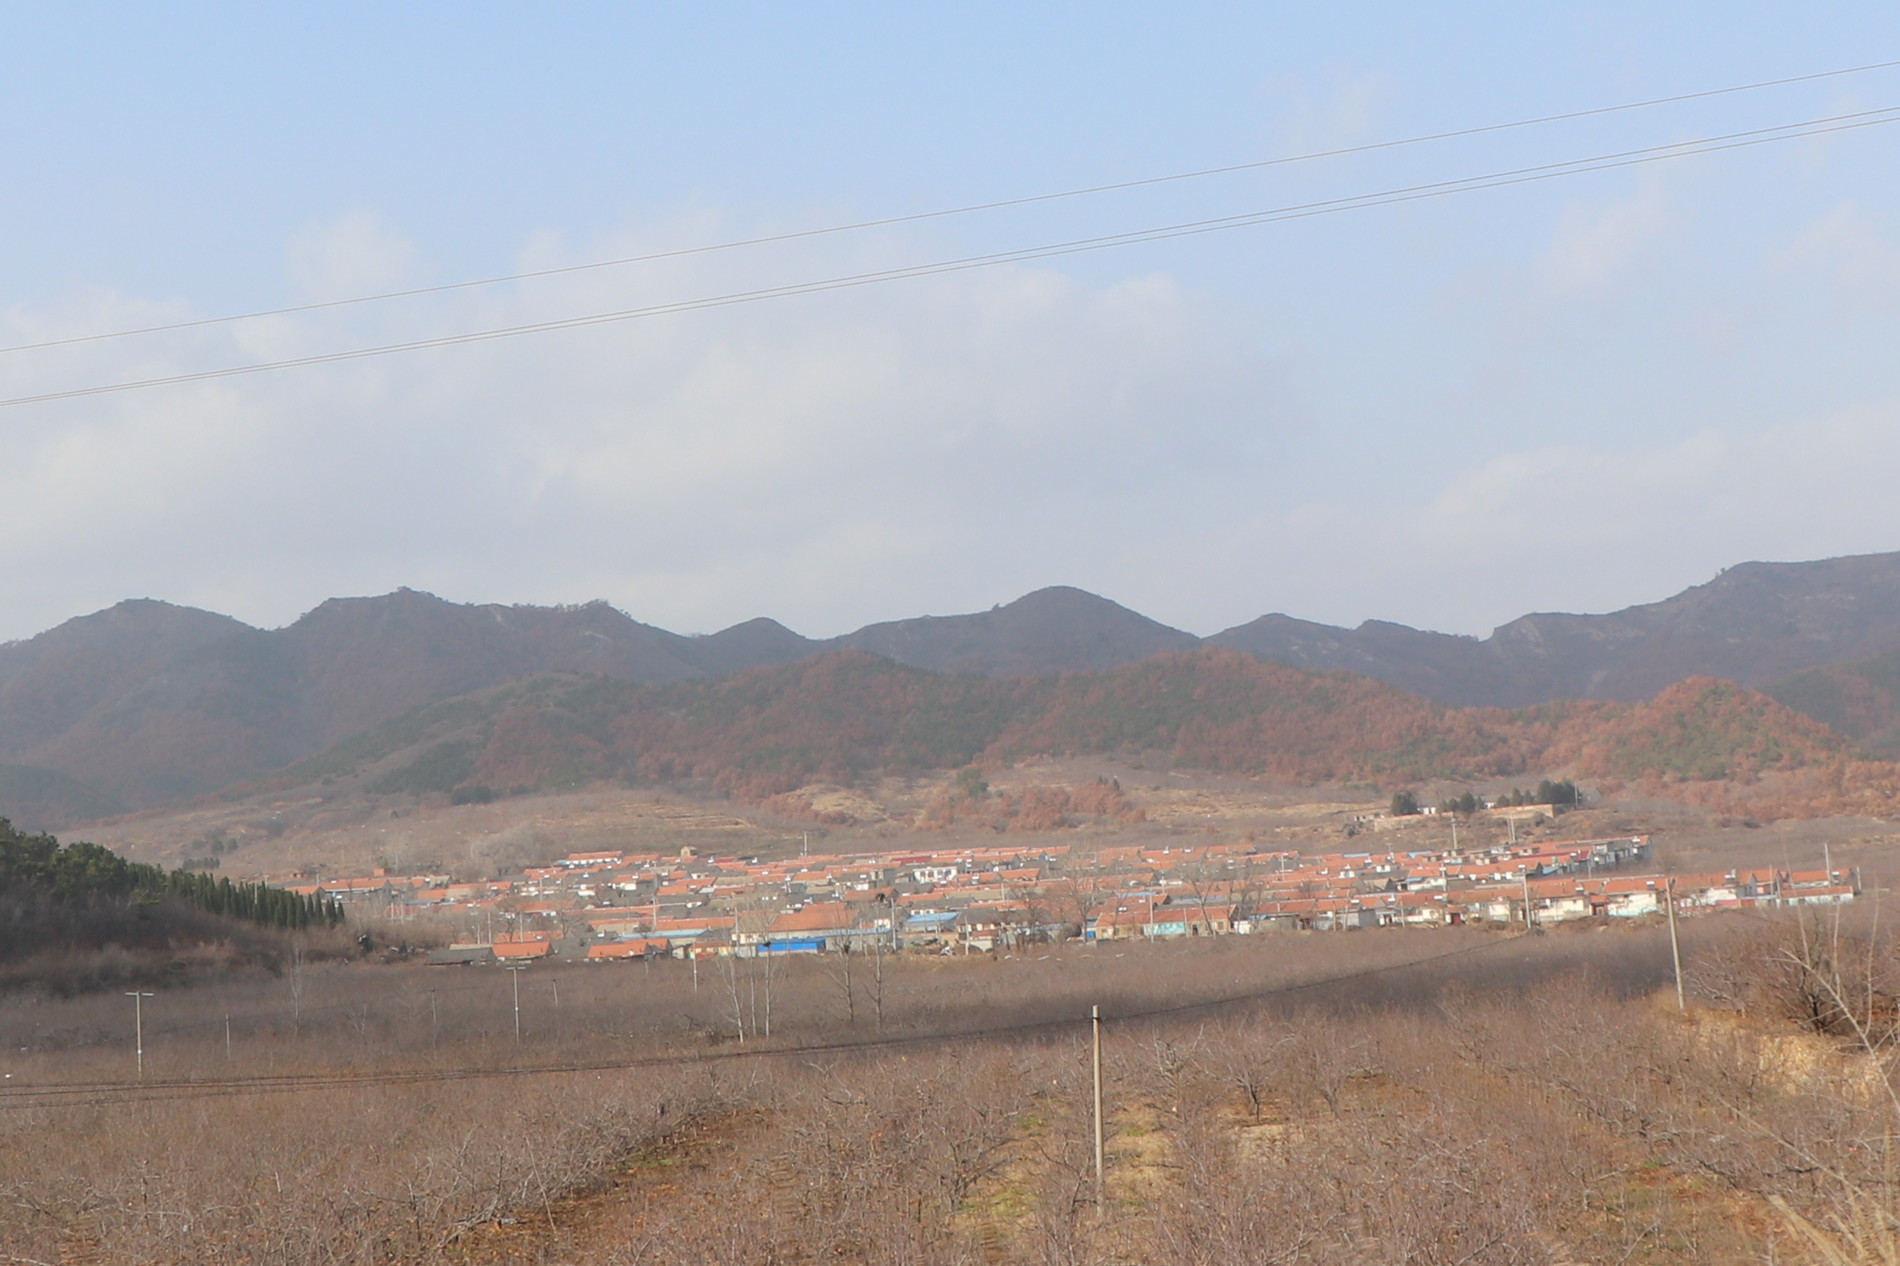 吉林省榆树市有支于姓人,寻找登州府栖霞县的祖籍地